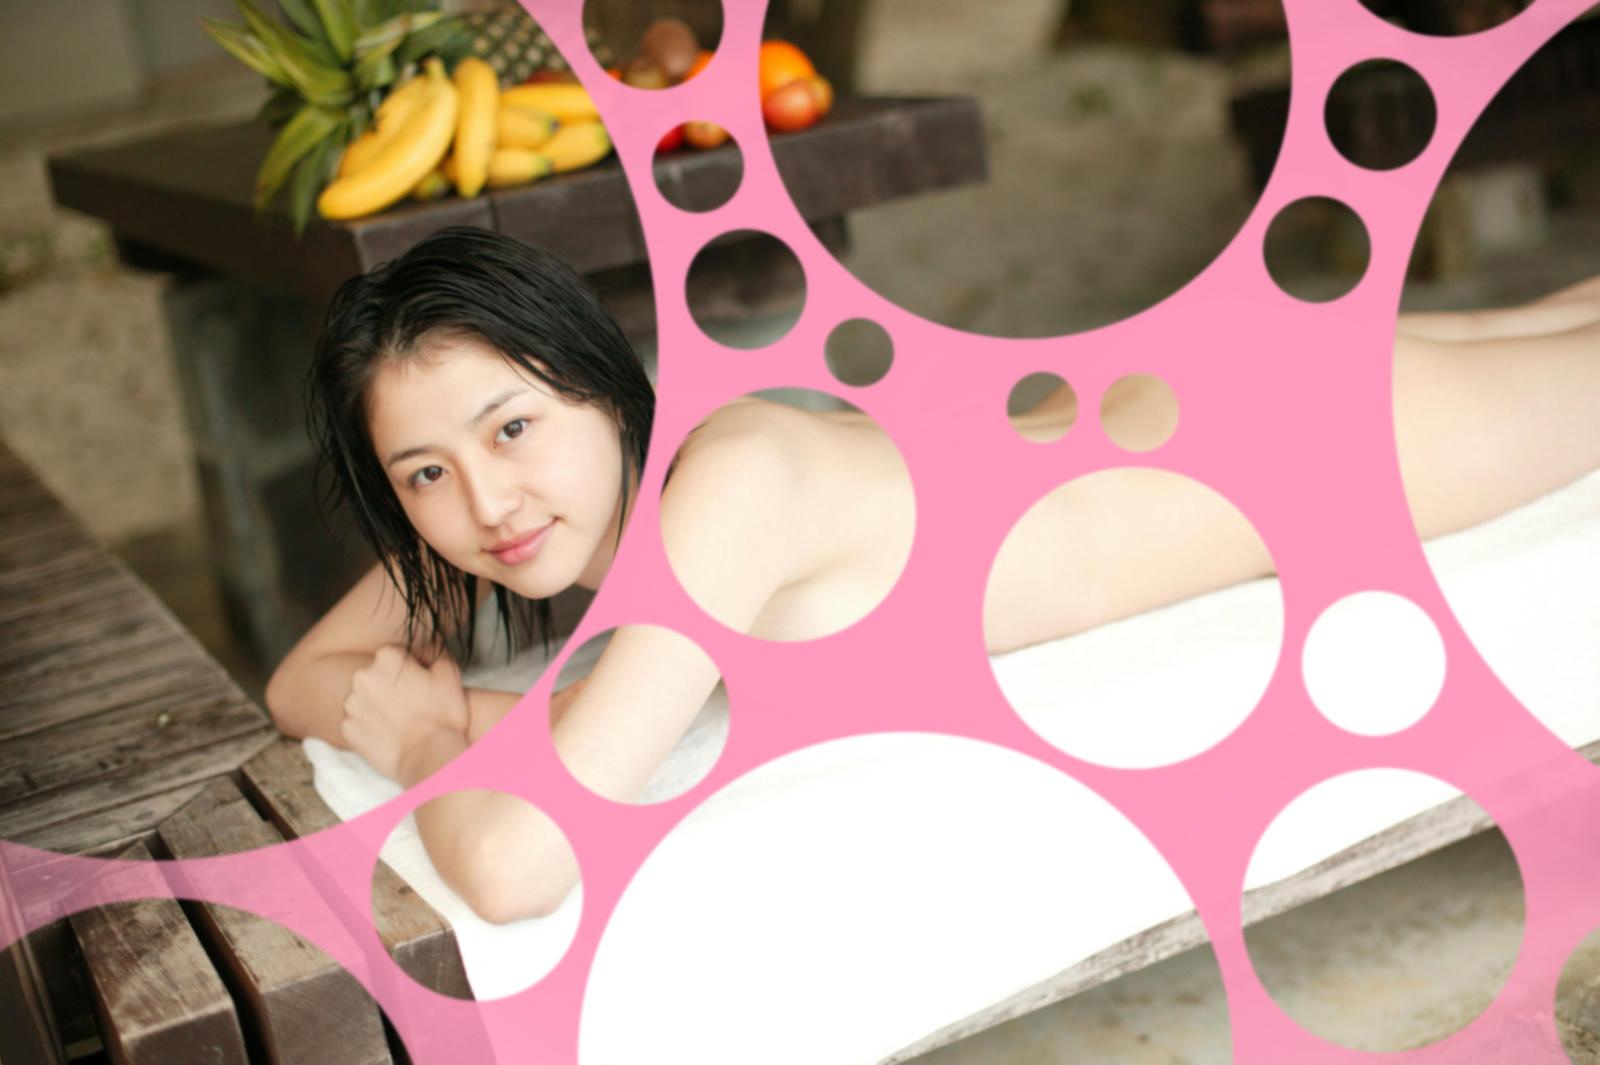 【アイコラ】水玉コラ10【革命】 [転載禁止]©bbspink.com->画像>976枚